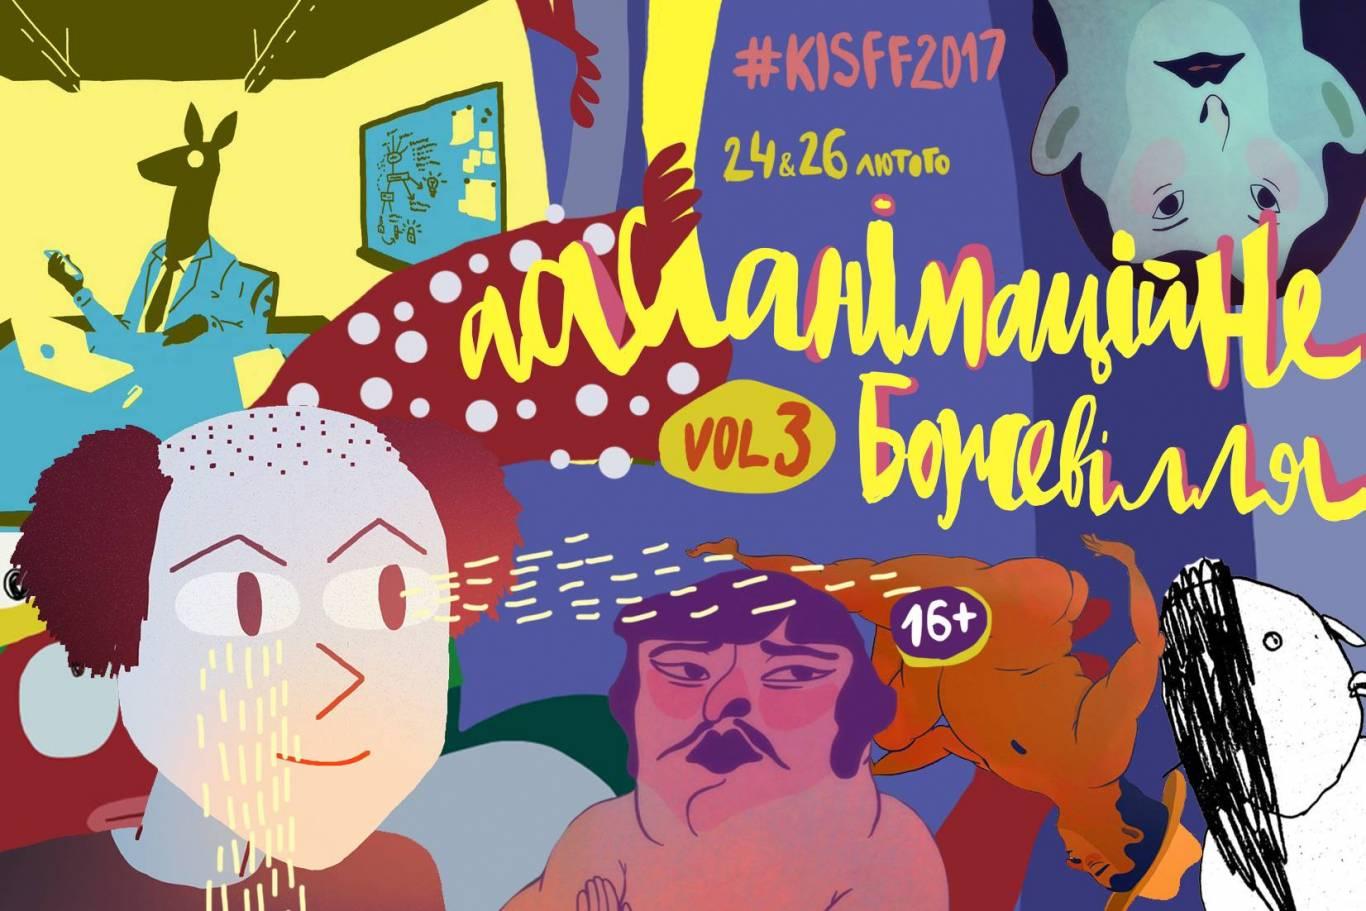 Аааанімаційне божевілля (vol.3) by #kisff2017